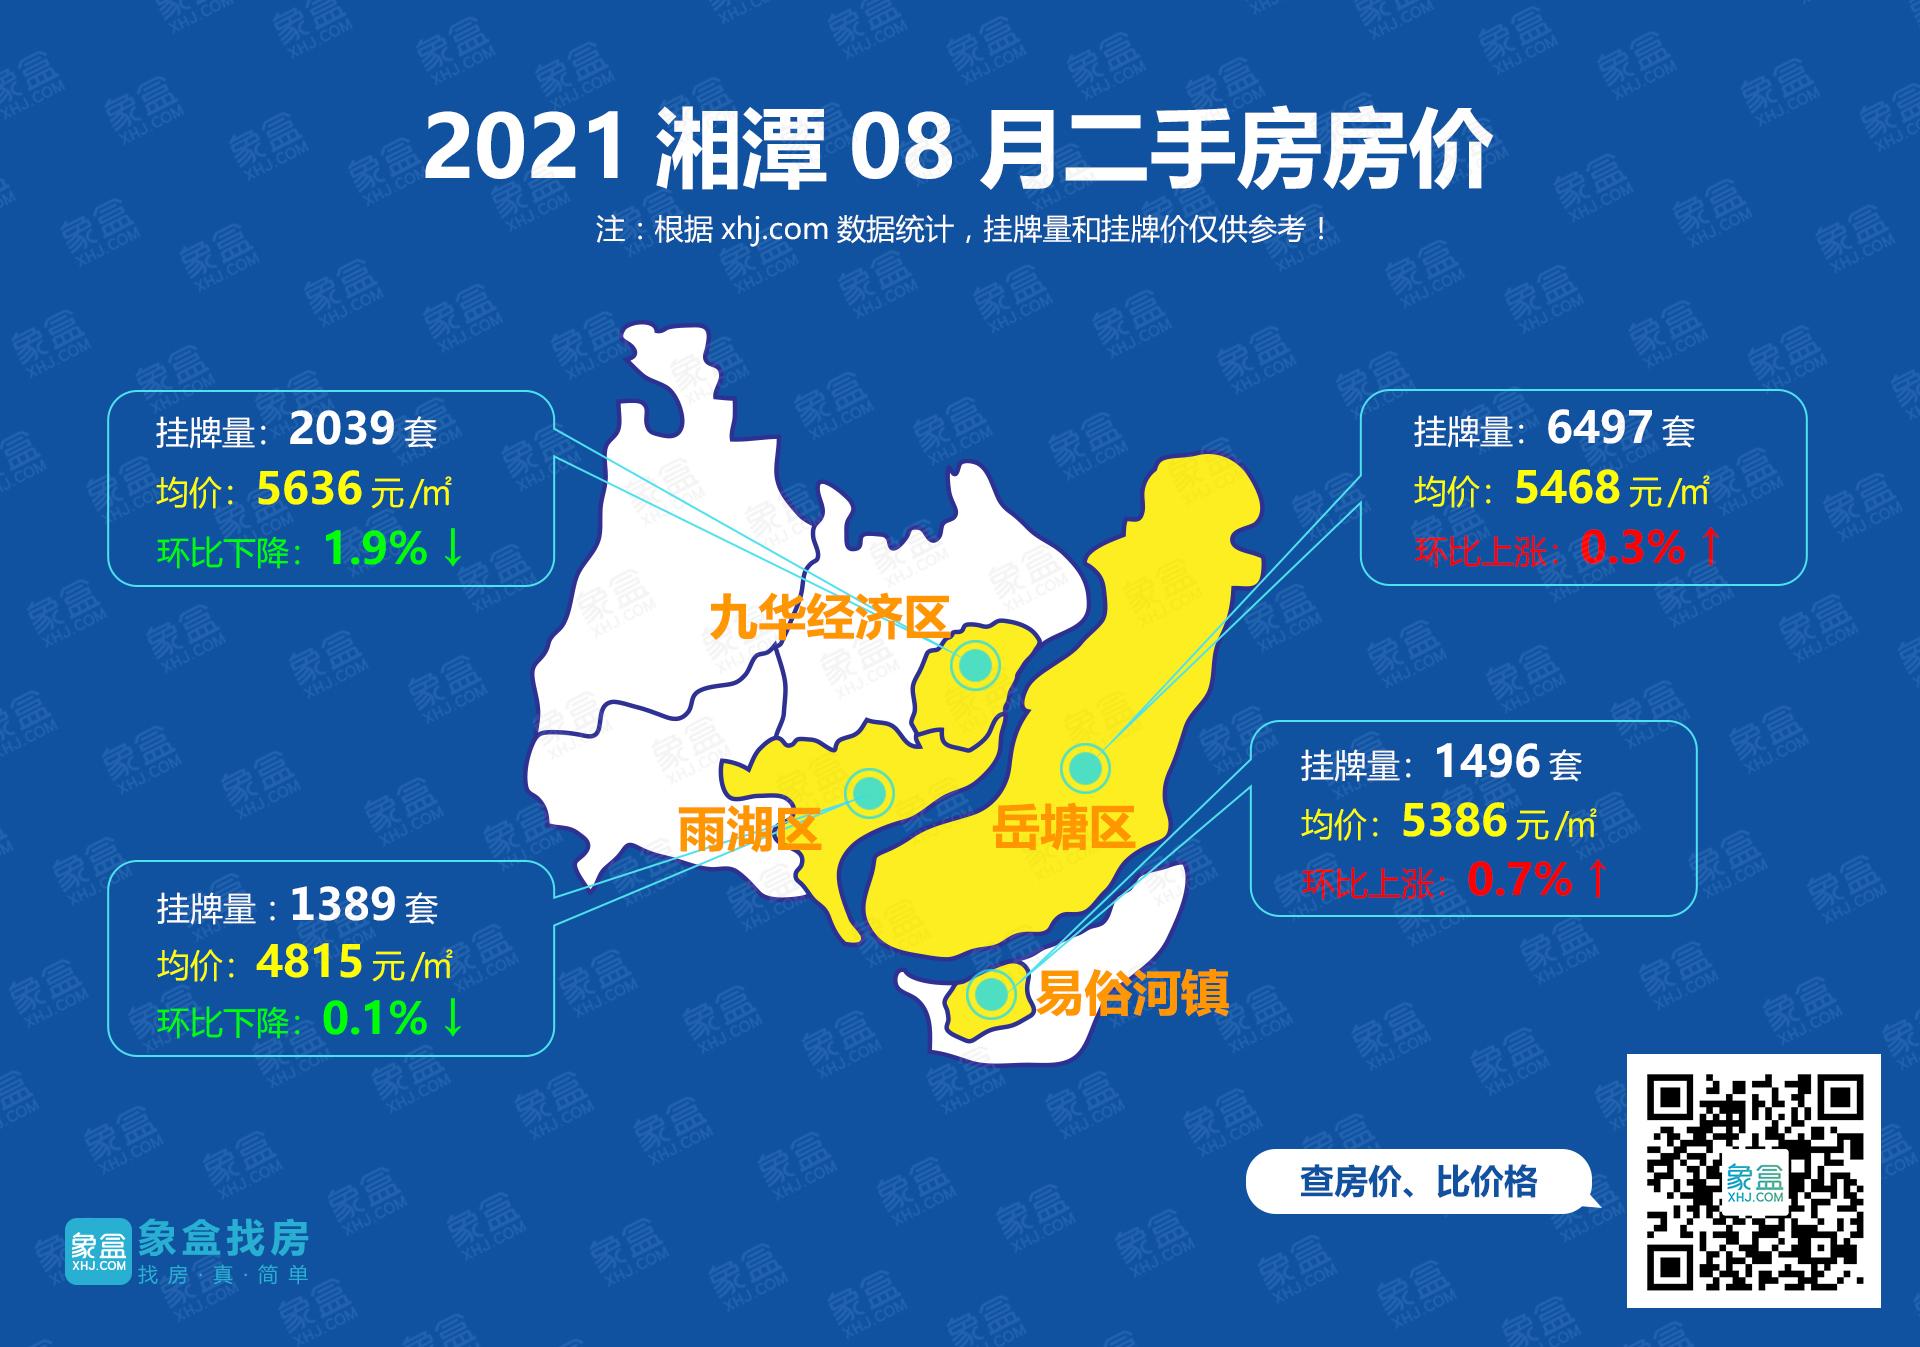 八月湘潭二手房价地图:又反转,半增半涨总微跌,九华从领头变垫底